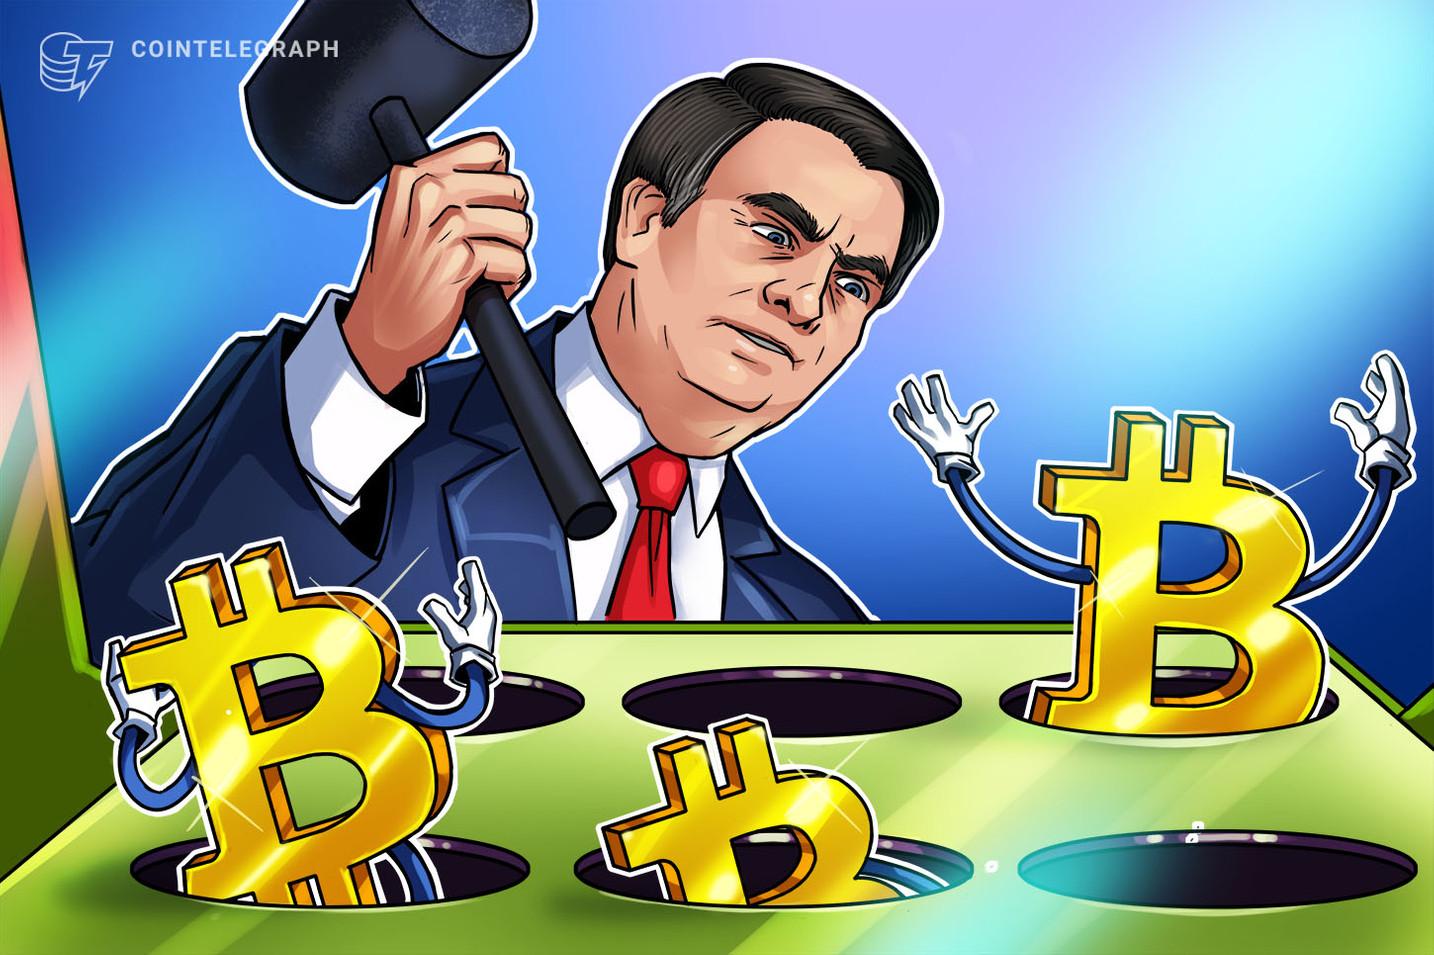 Google Ads promove golpe de Bitcoin com imagem de Jair Bolsonaro